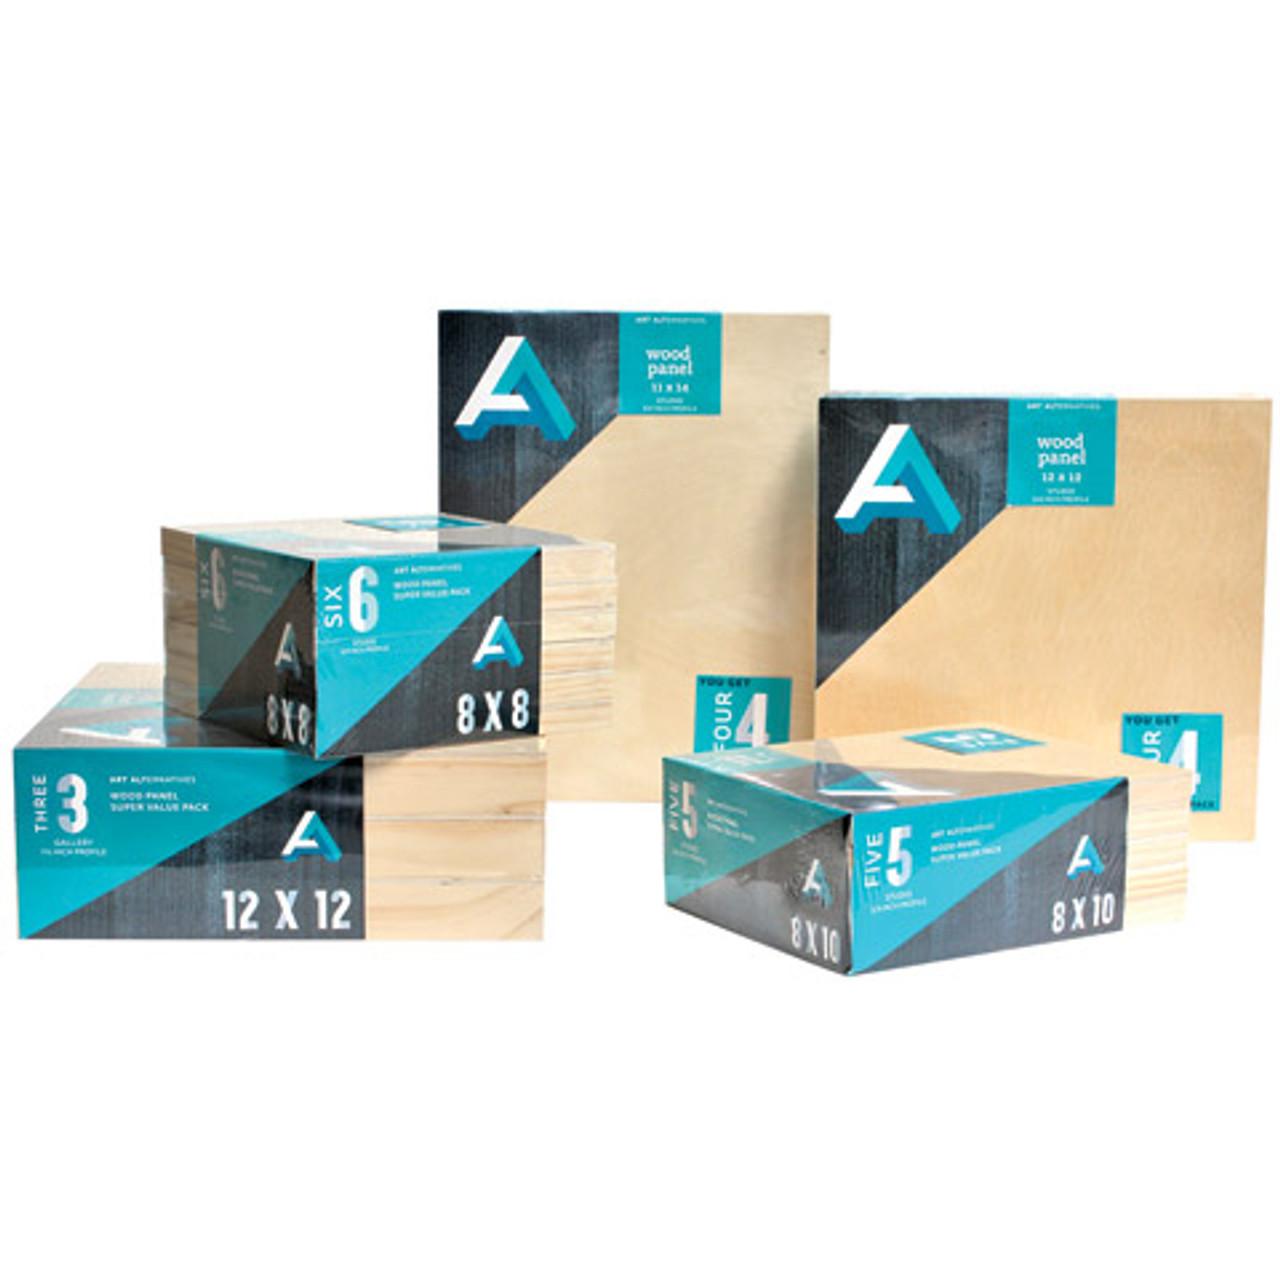 Wood Panel Super Value 4-Pack Cradled 11x14